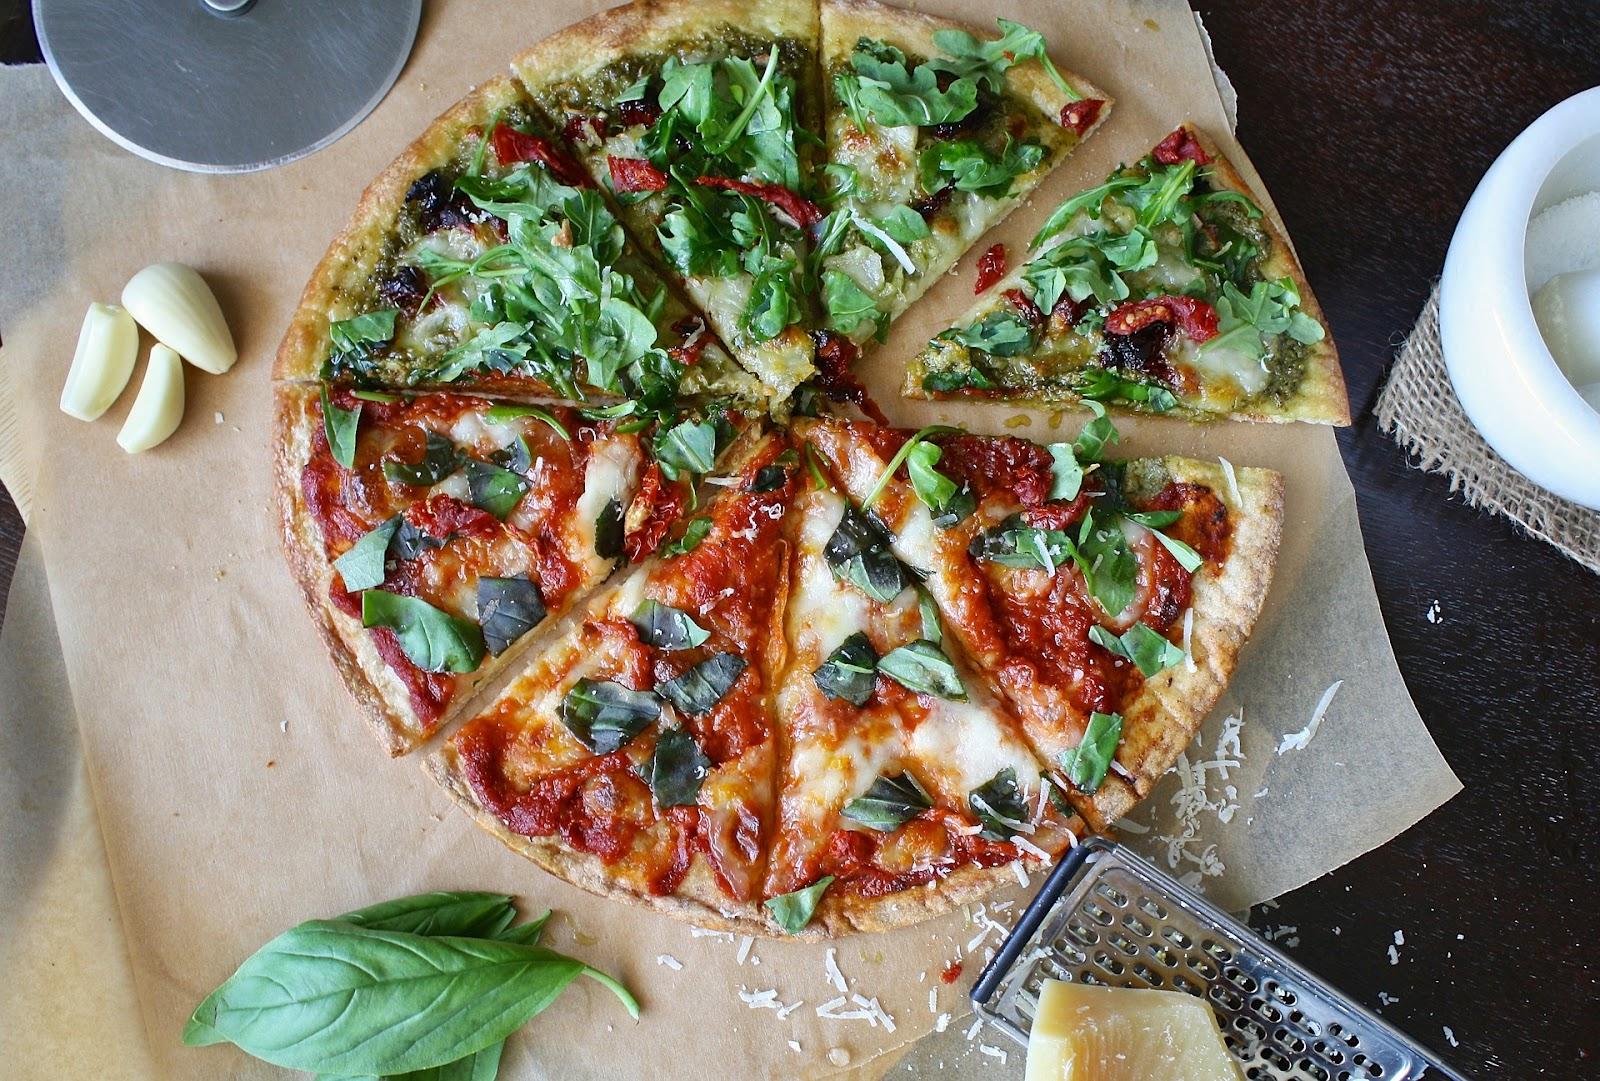 פיצה מחולקת עם רוטב אדום ובזיליקום